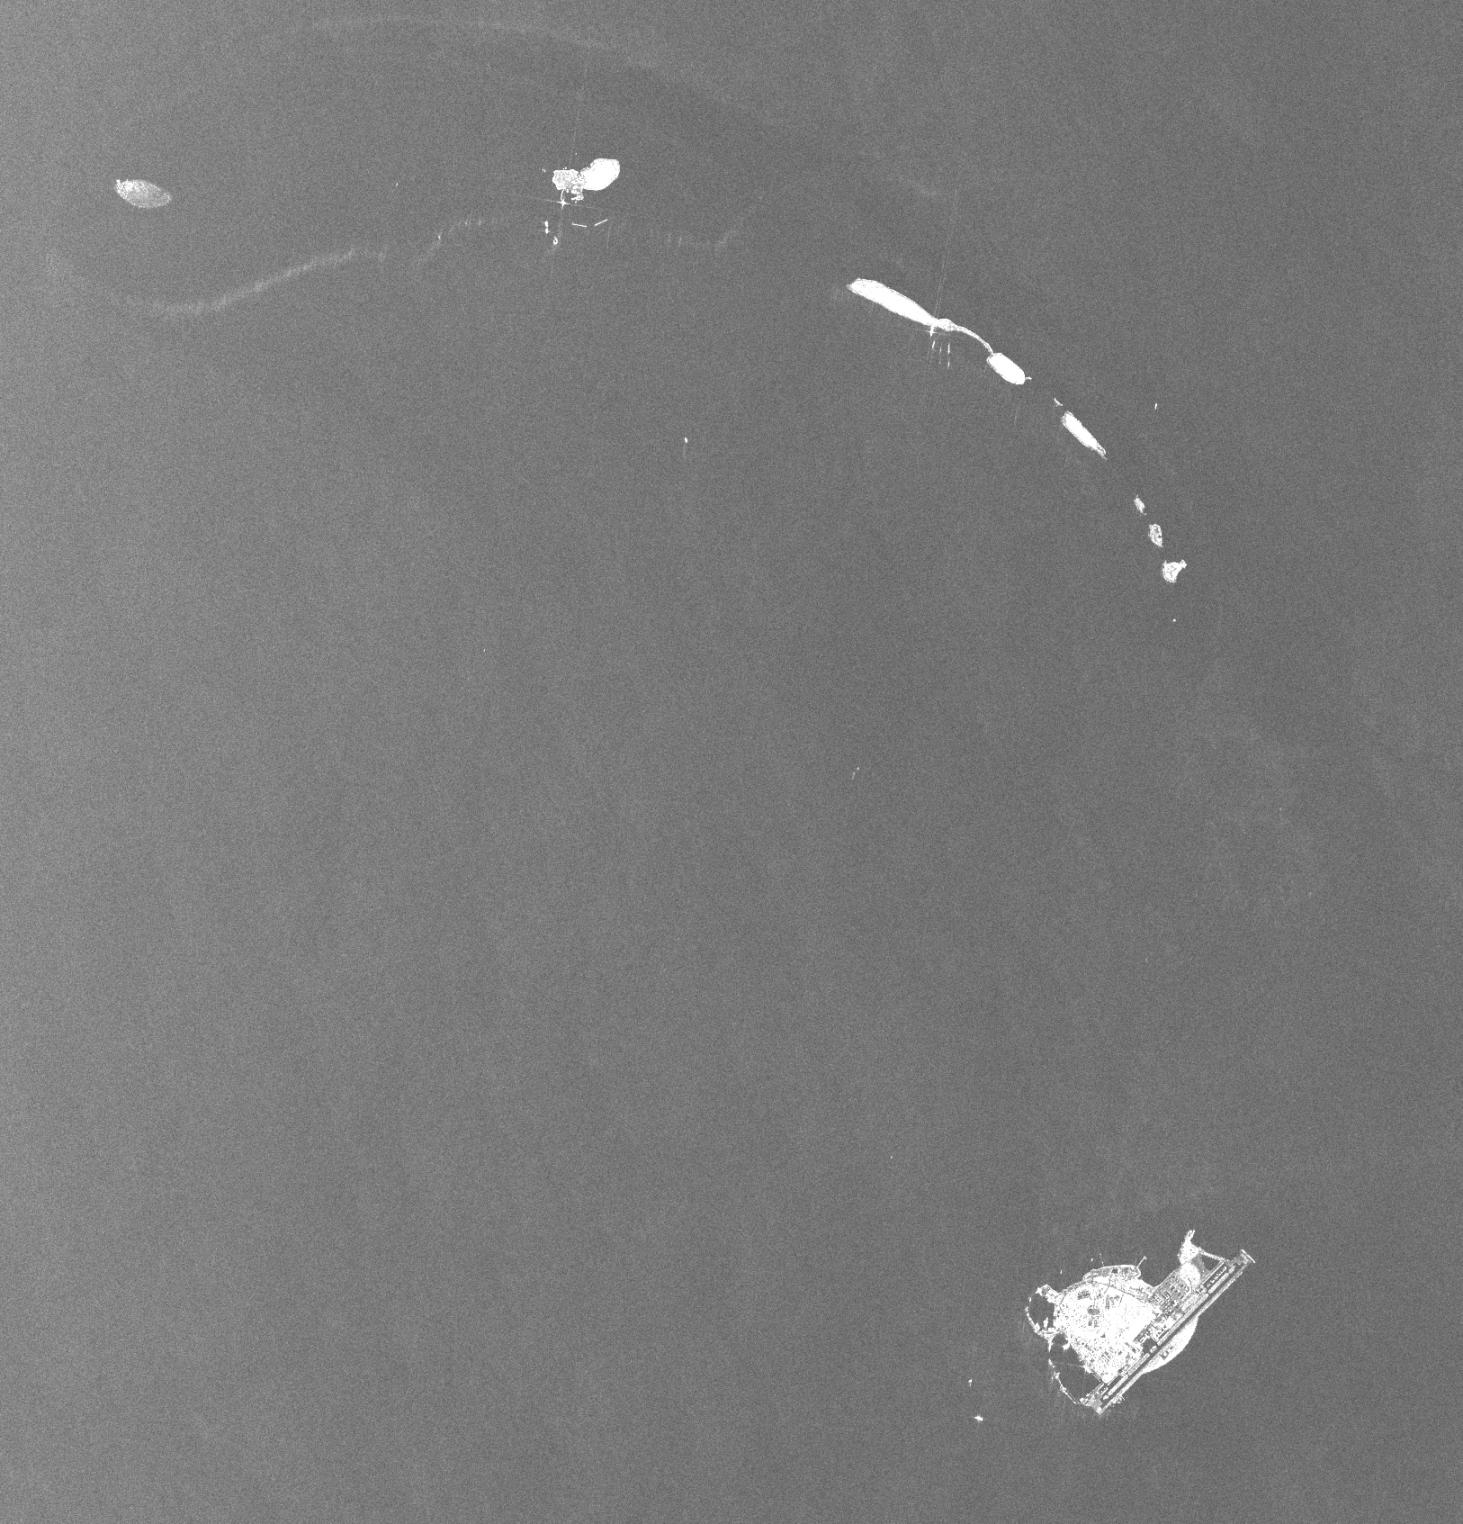 由COSMO-SkyMed衛星拍攝的三沙市影像。